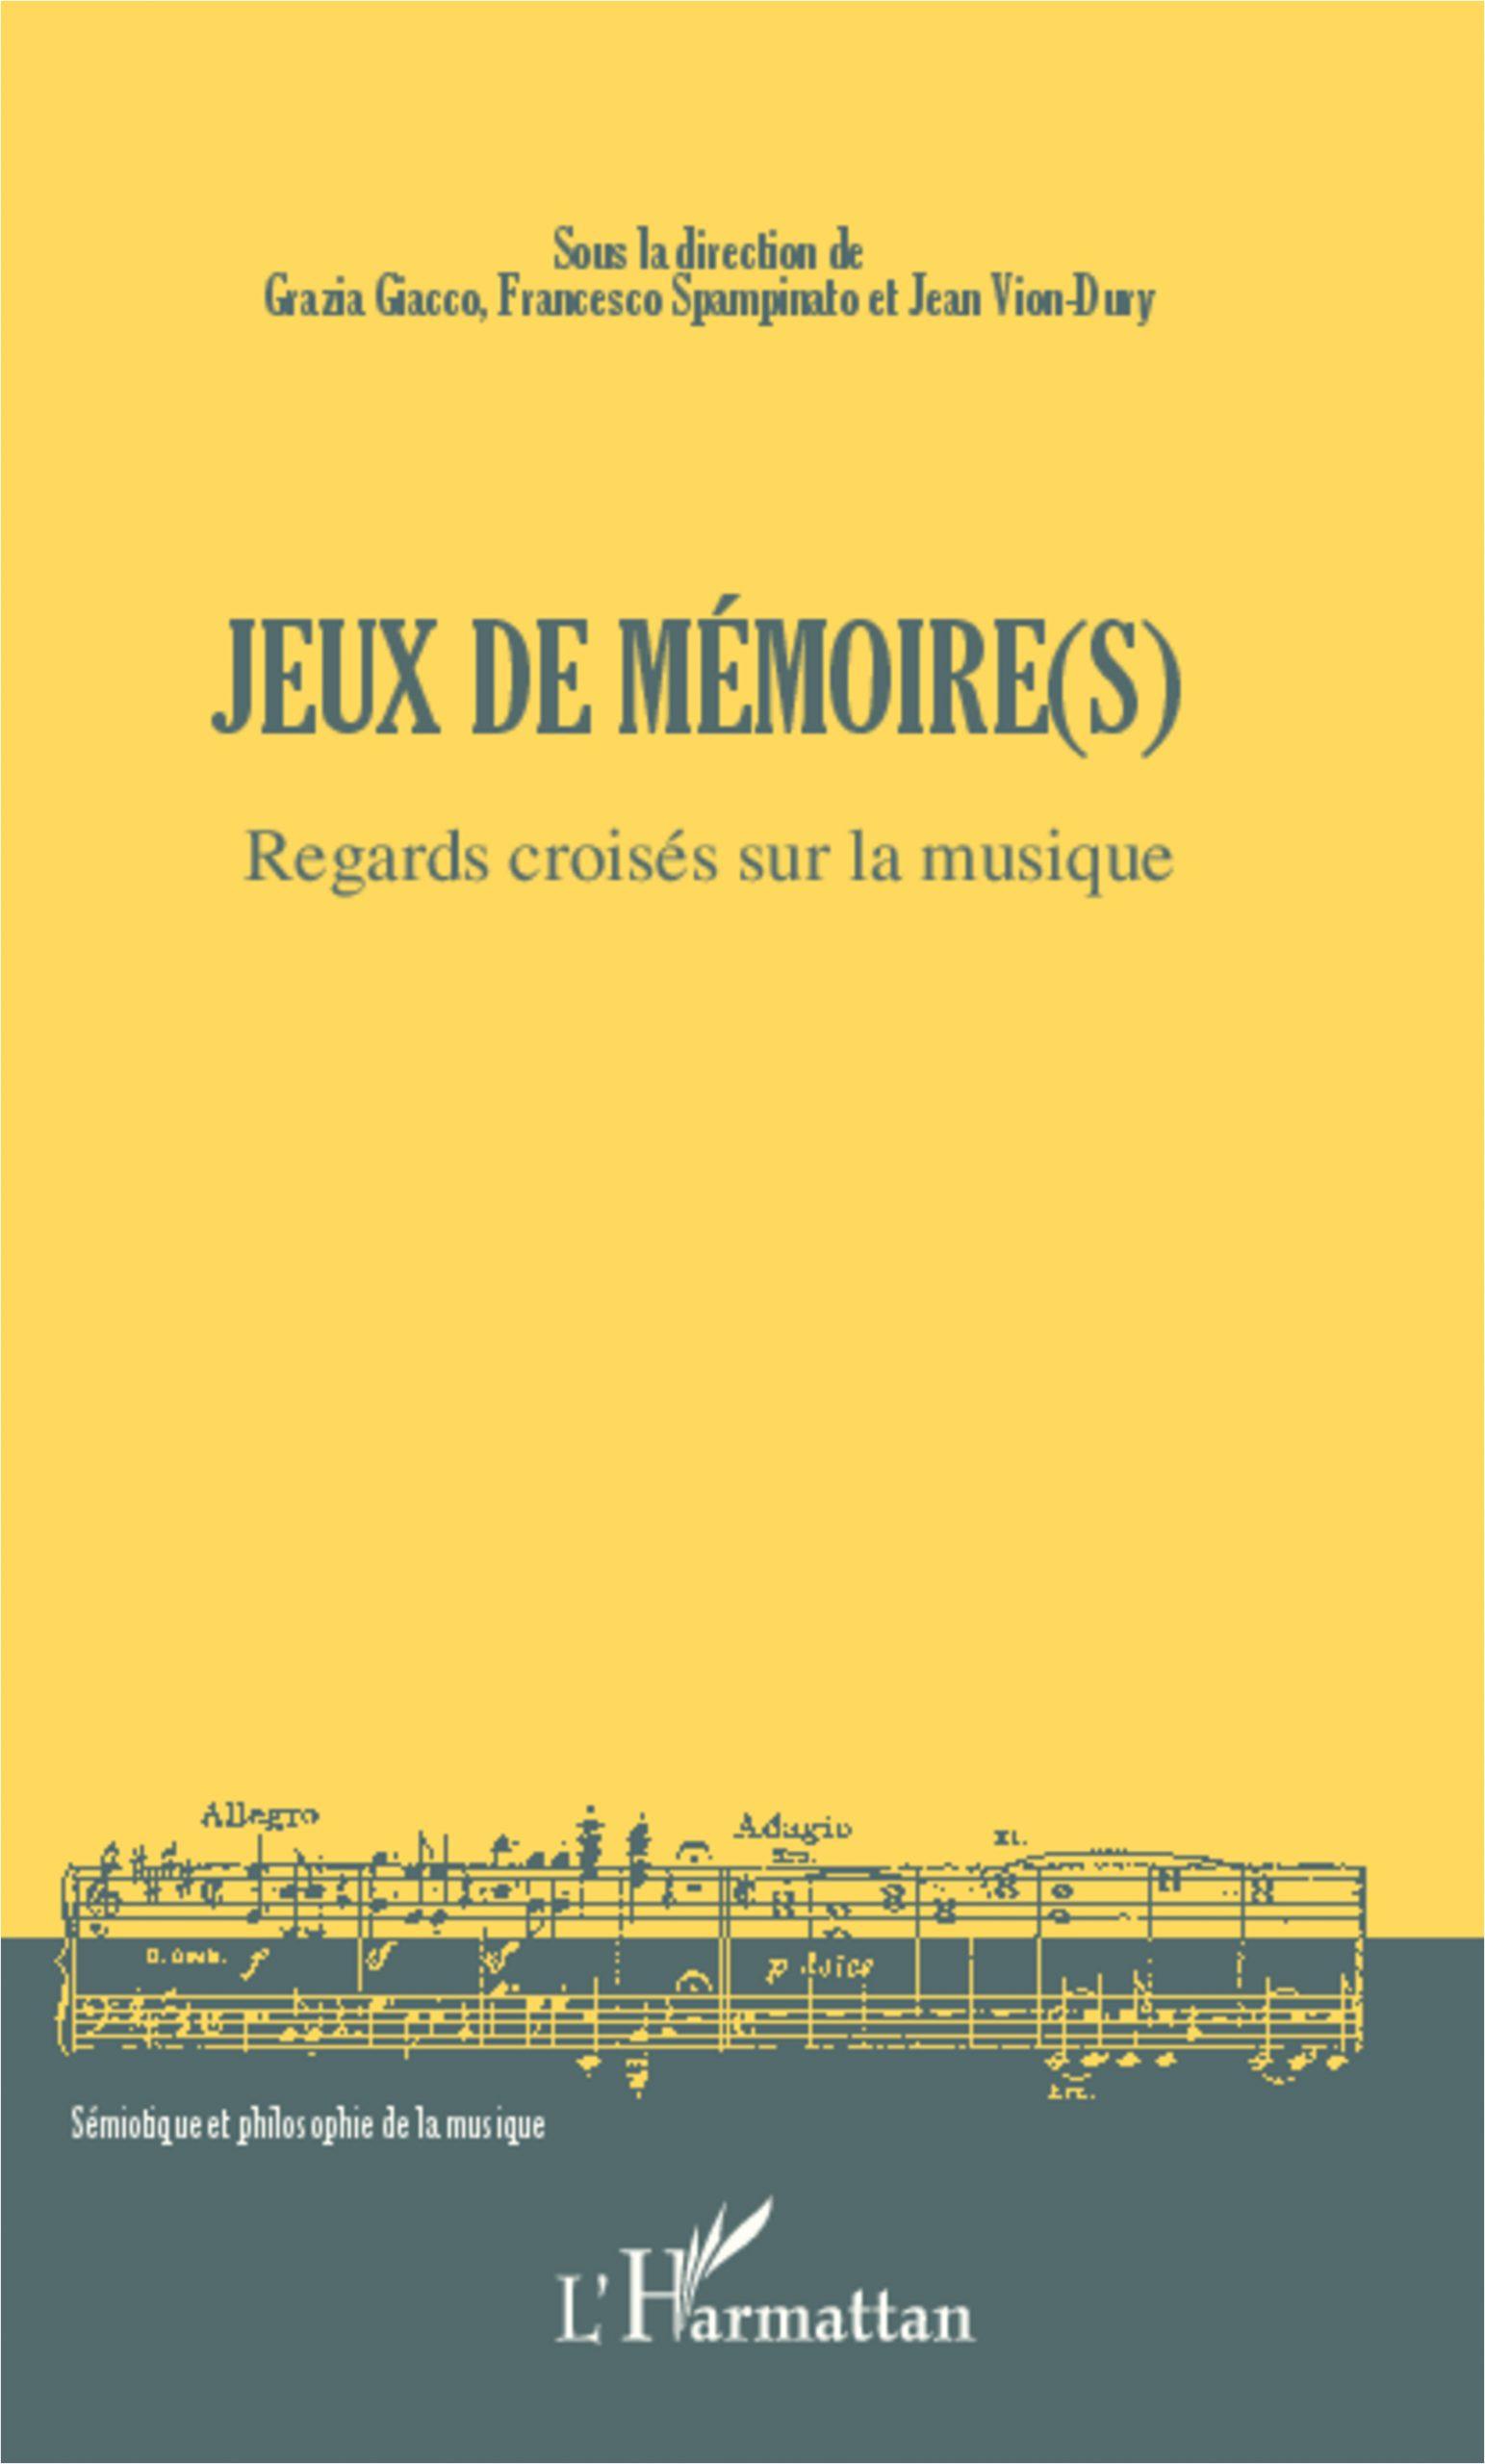 Jeux De Mémoire(S) - Regards Croisés Sur La Musique, Jean serapportantà Jeux De Mimoire